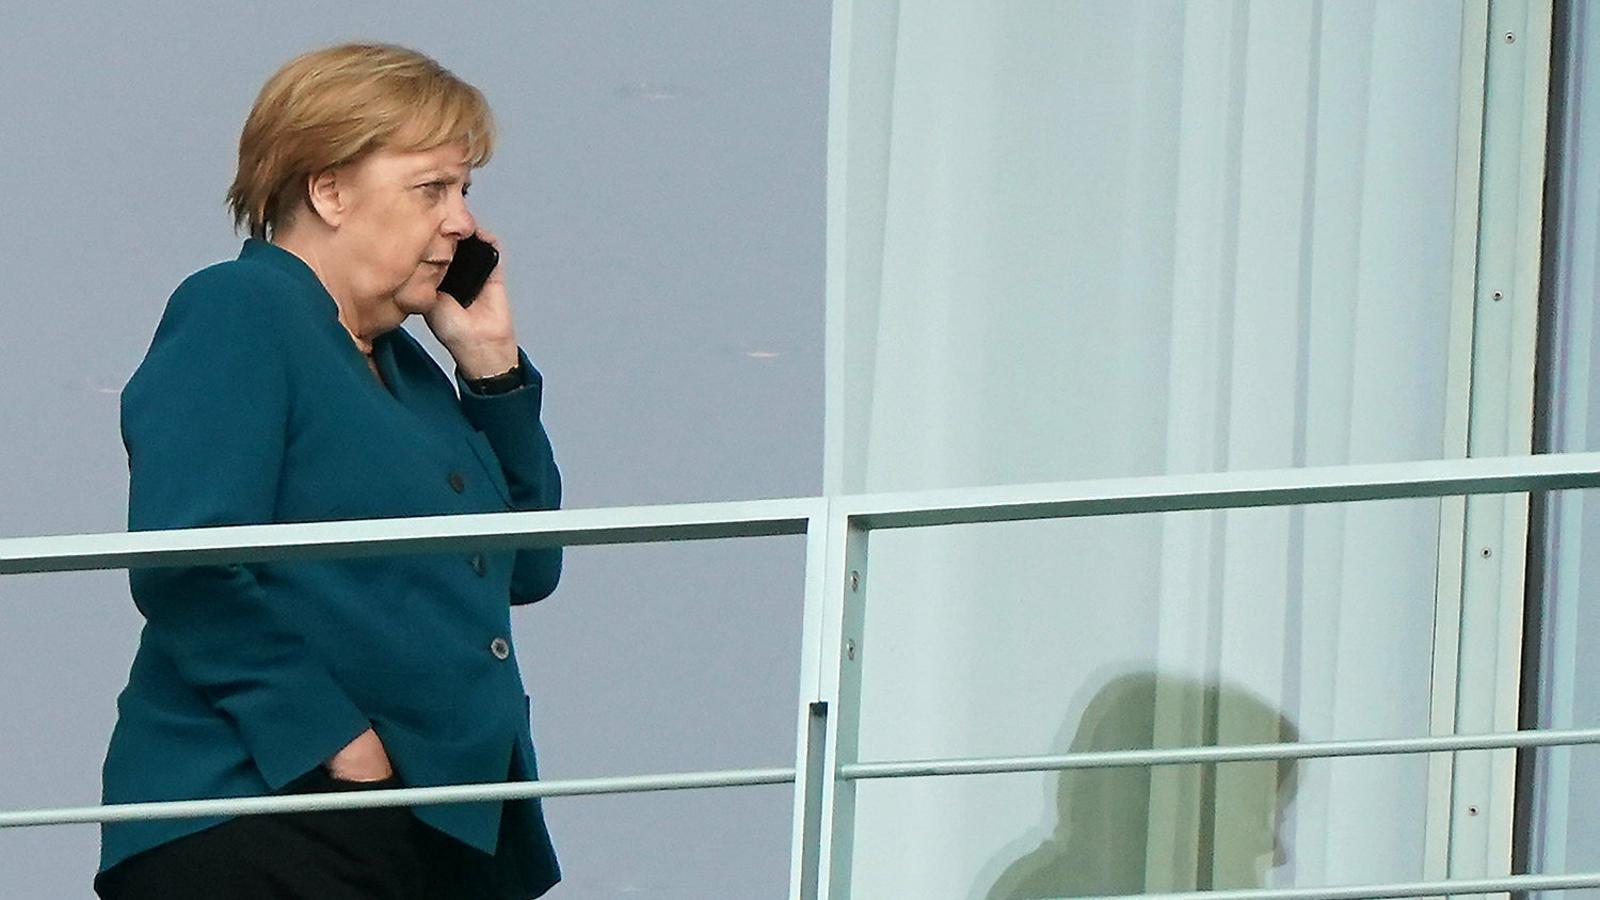 La cancellera alemanya, Angela Merkel, divendres quan va explicar el seu pla per destinar 54.000 milions d'euros a un programa d'inversions verdes per deixar de ser un dels països del món amb més emissions de CO2.